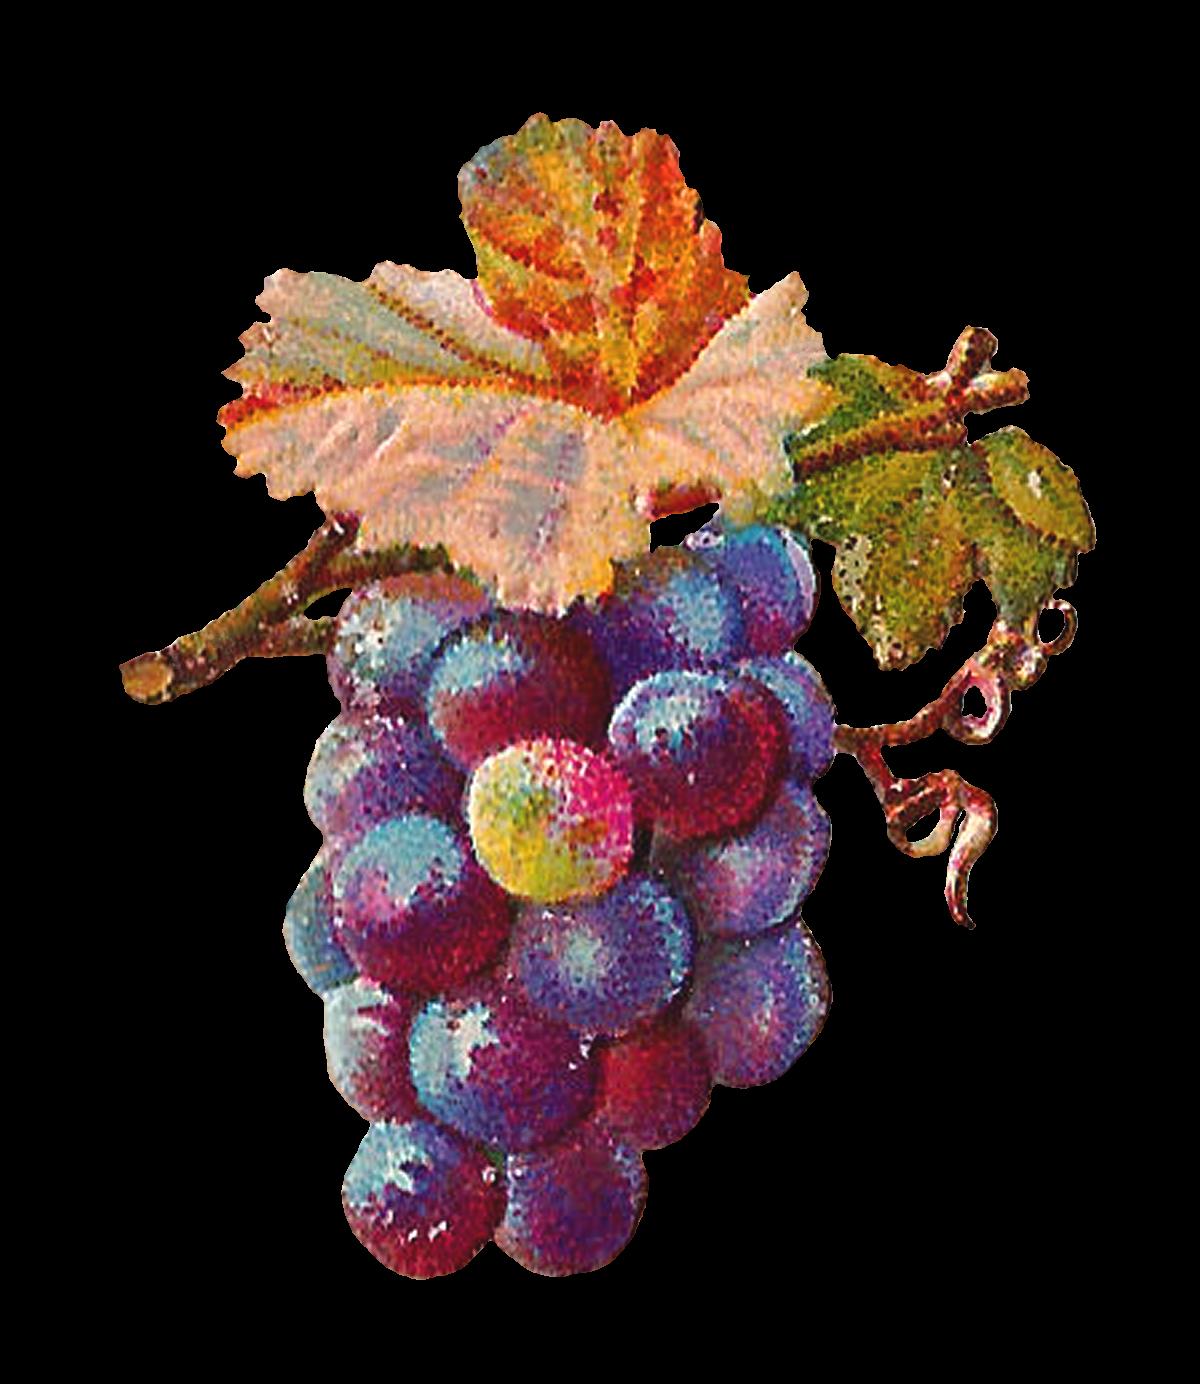 Antique images digital grapes. Grape clipart printable